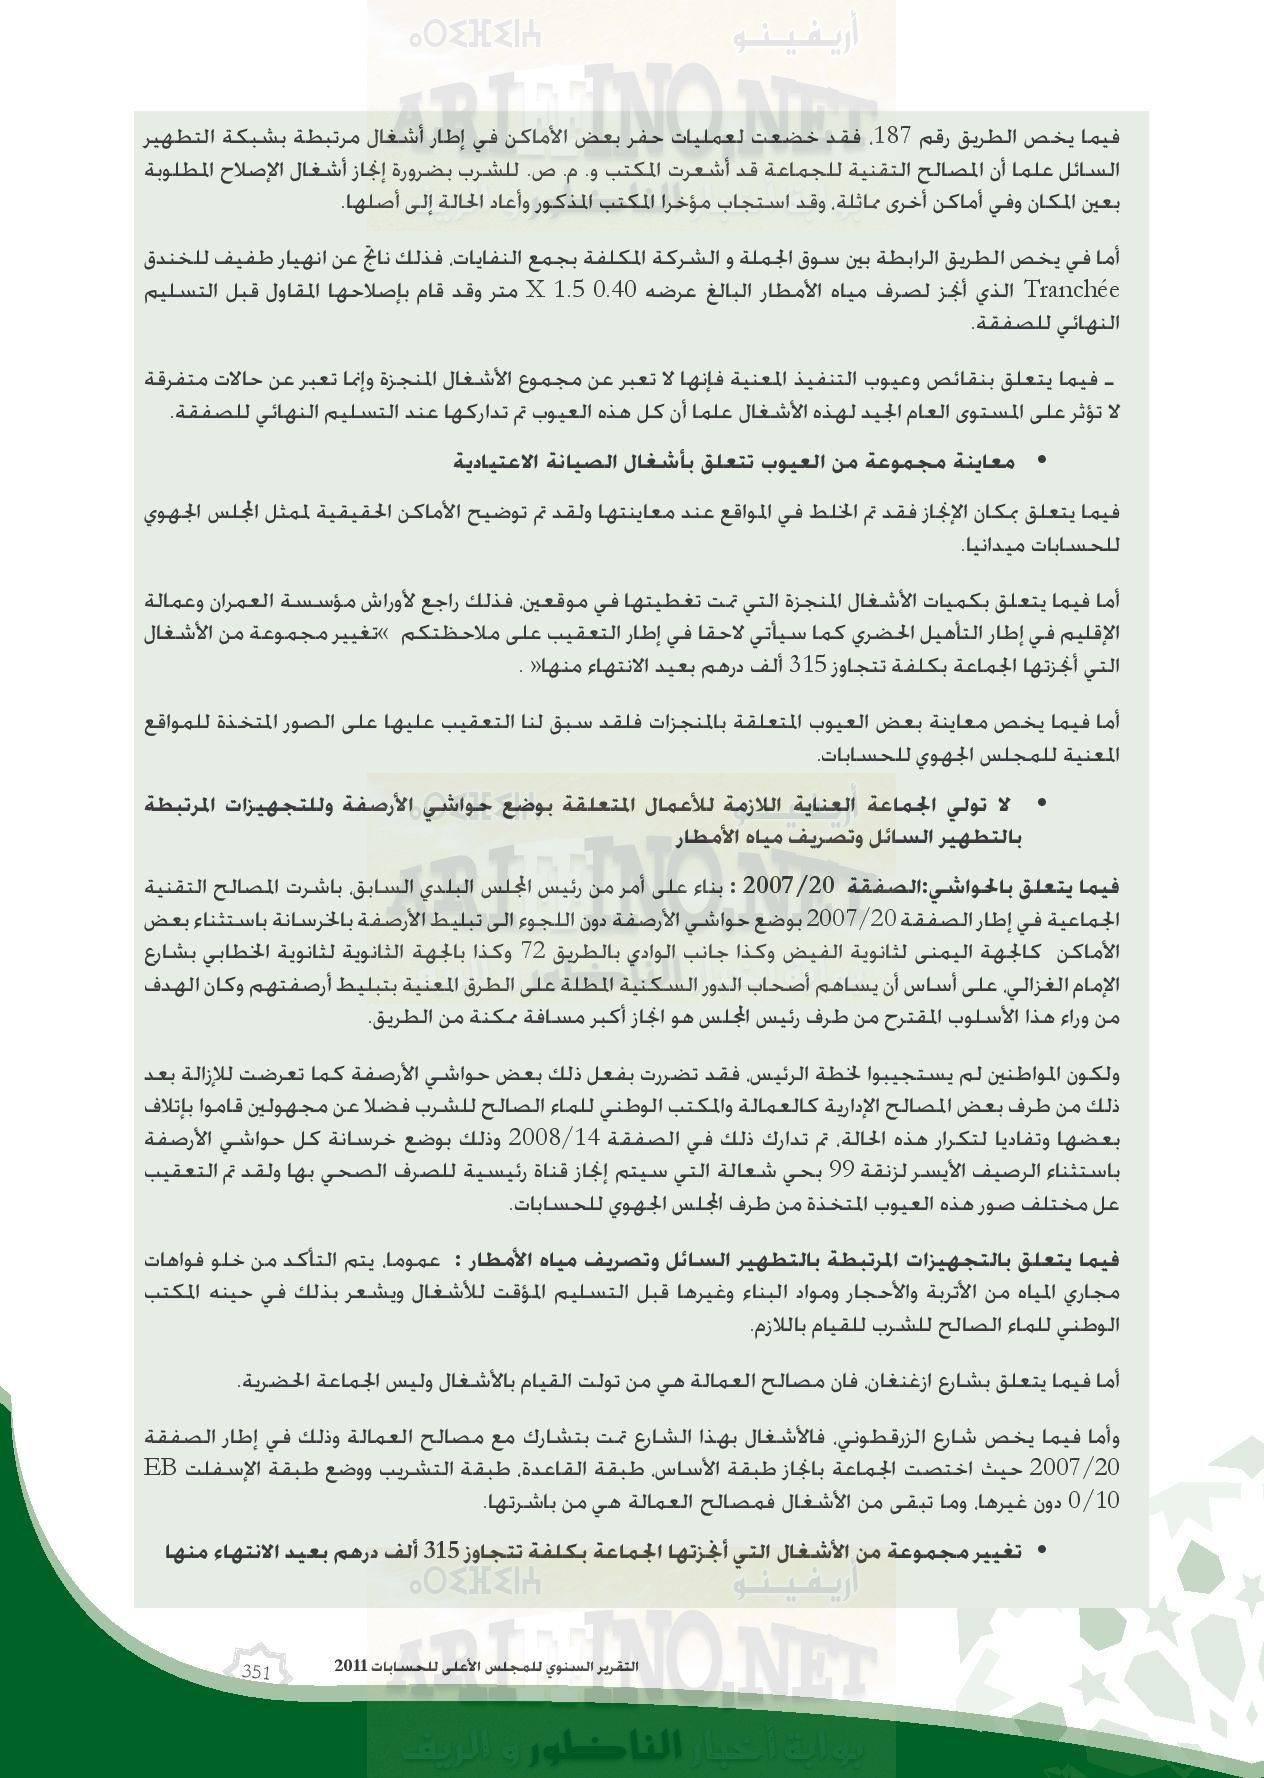 nador_0077 تقرير المجلس الاعلى للحسابات: بلدية الناظور تعيش إختلالات و عشوائية و عاجزة عن القيام بمهامها